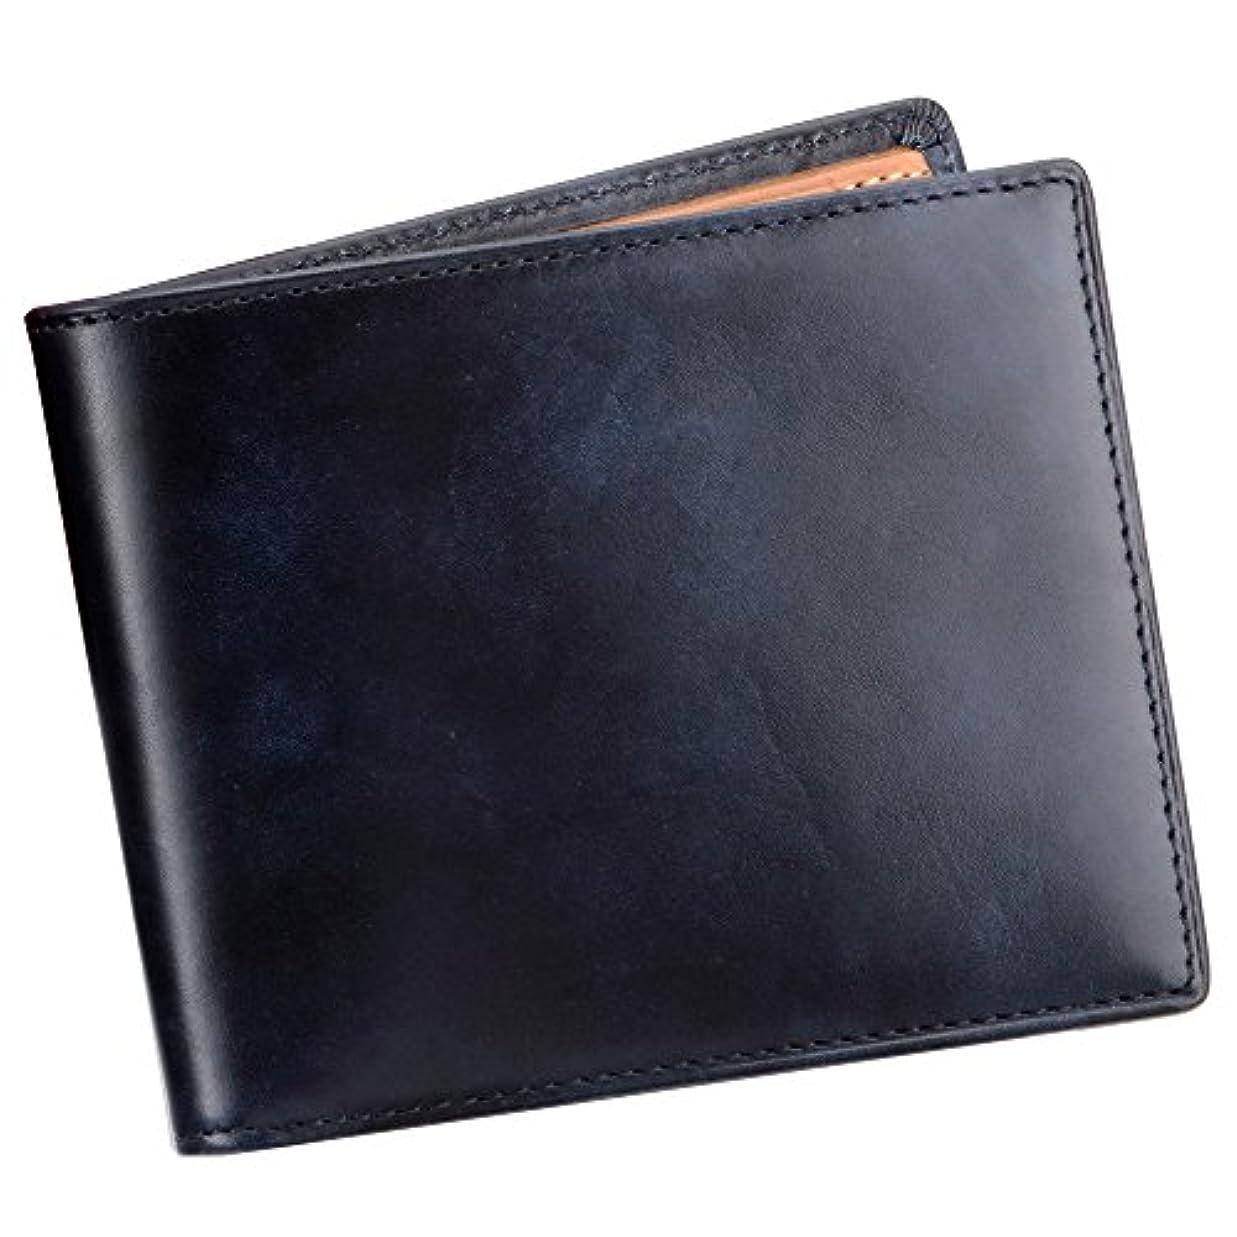 応援する可決符号SNOBBIST(スノビスト) ミュージアムカーフ二つ折り財布/ウォレット